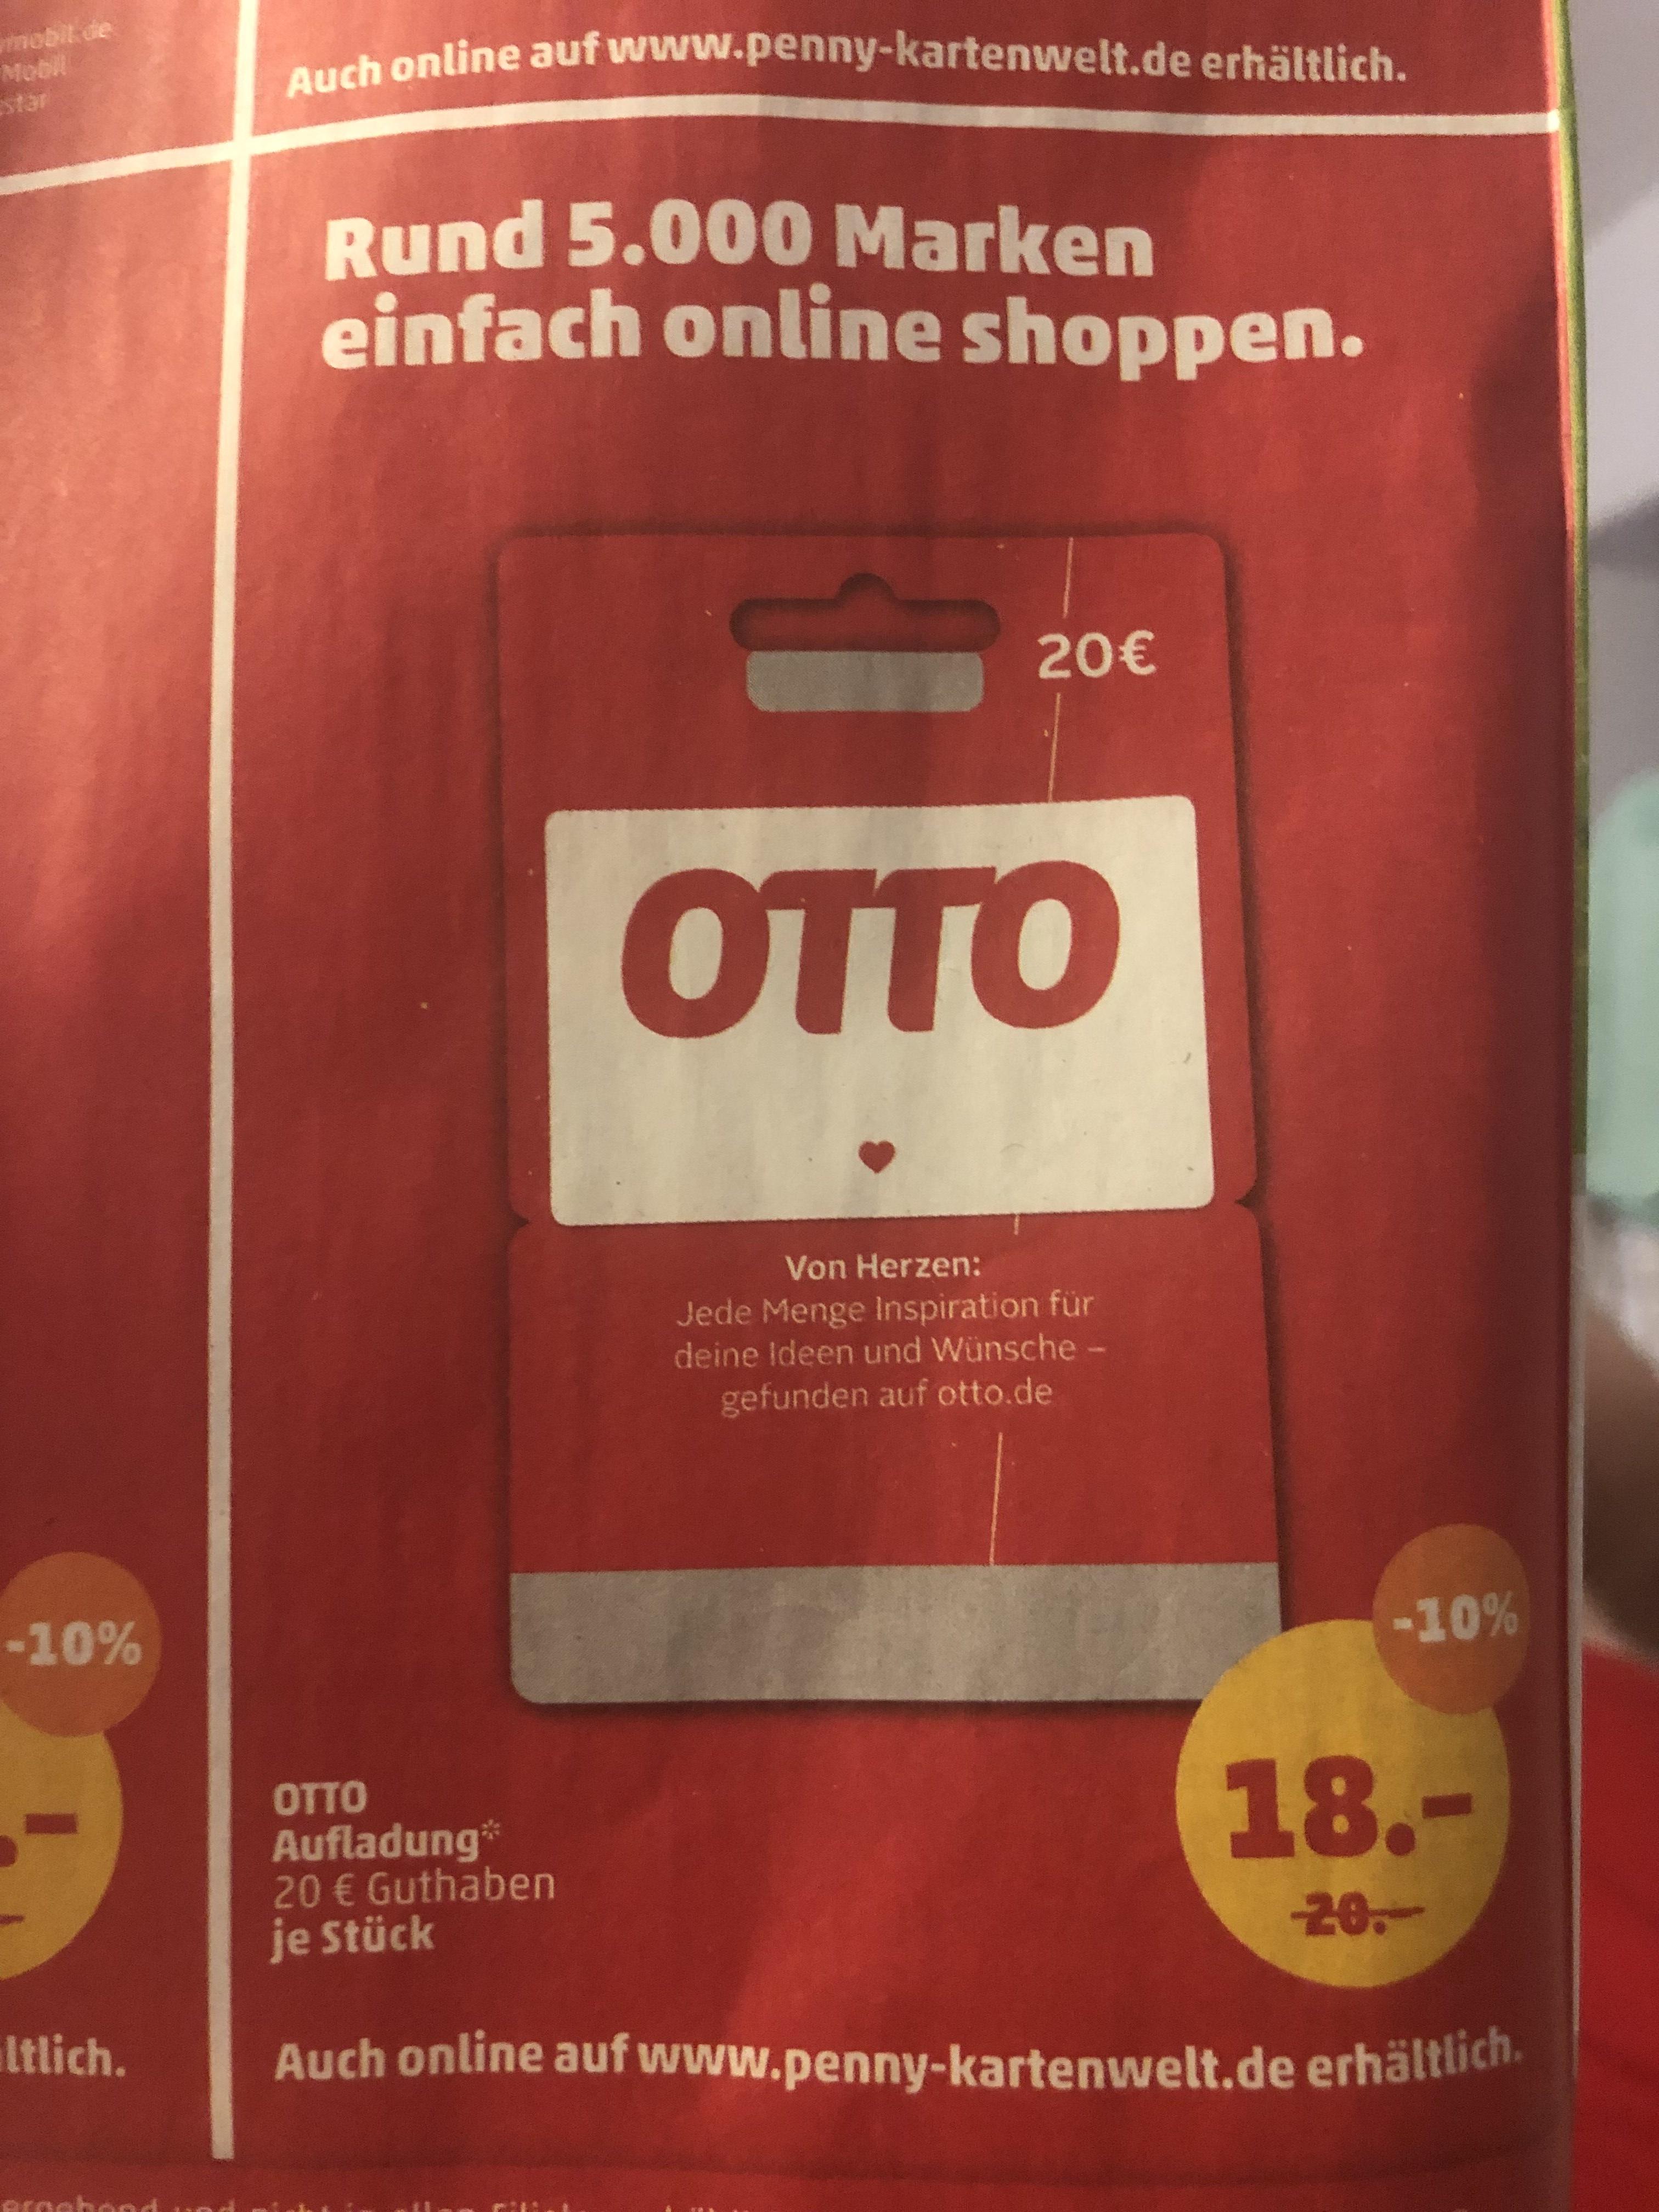 20€ OTTO Guthabenkarte für 18€ bei Penny